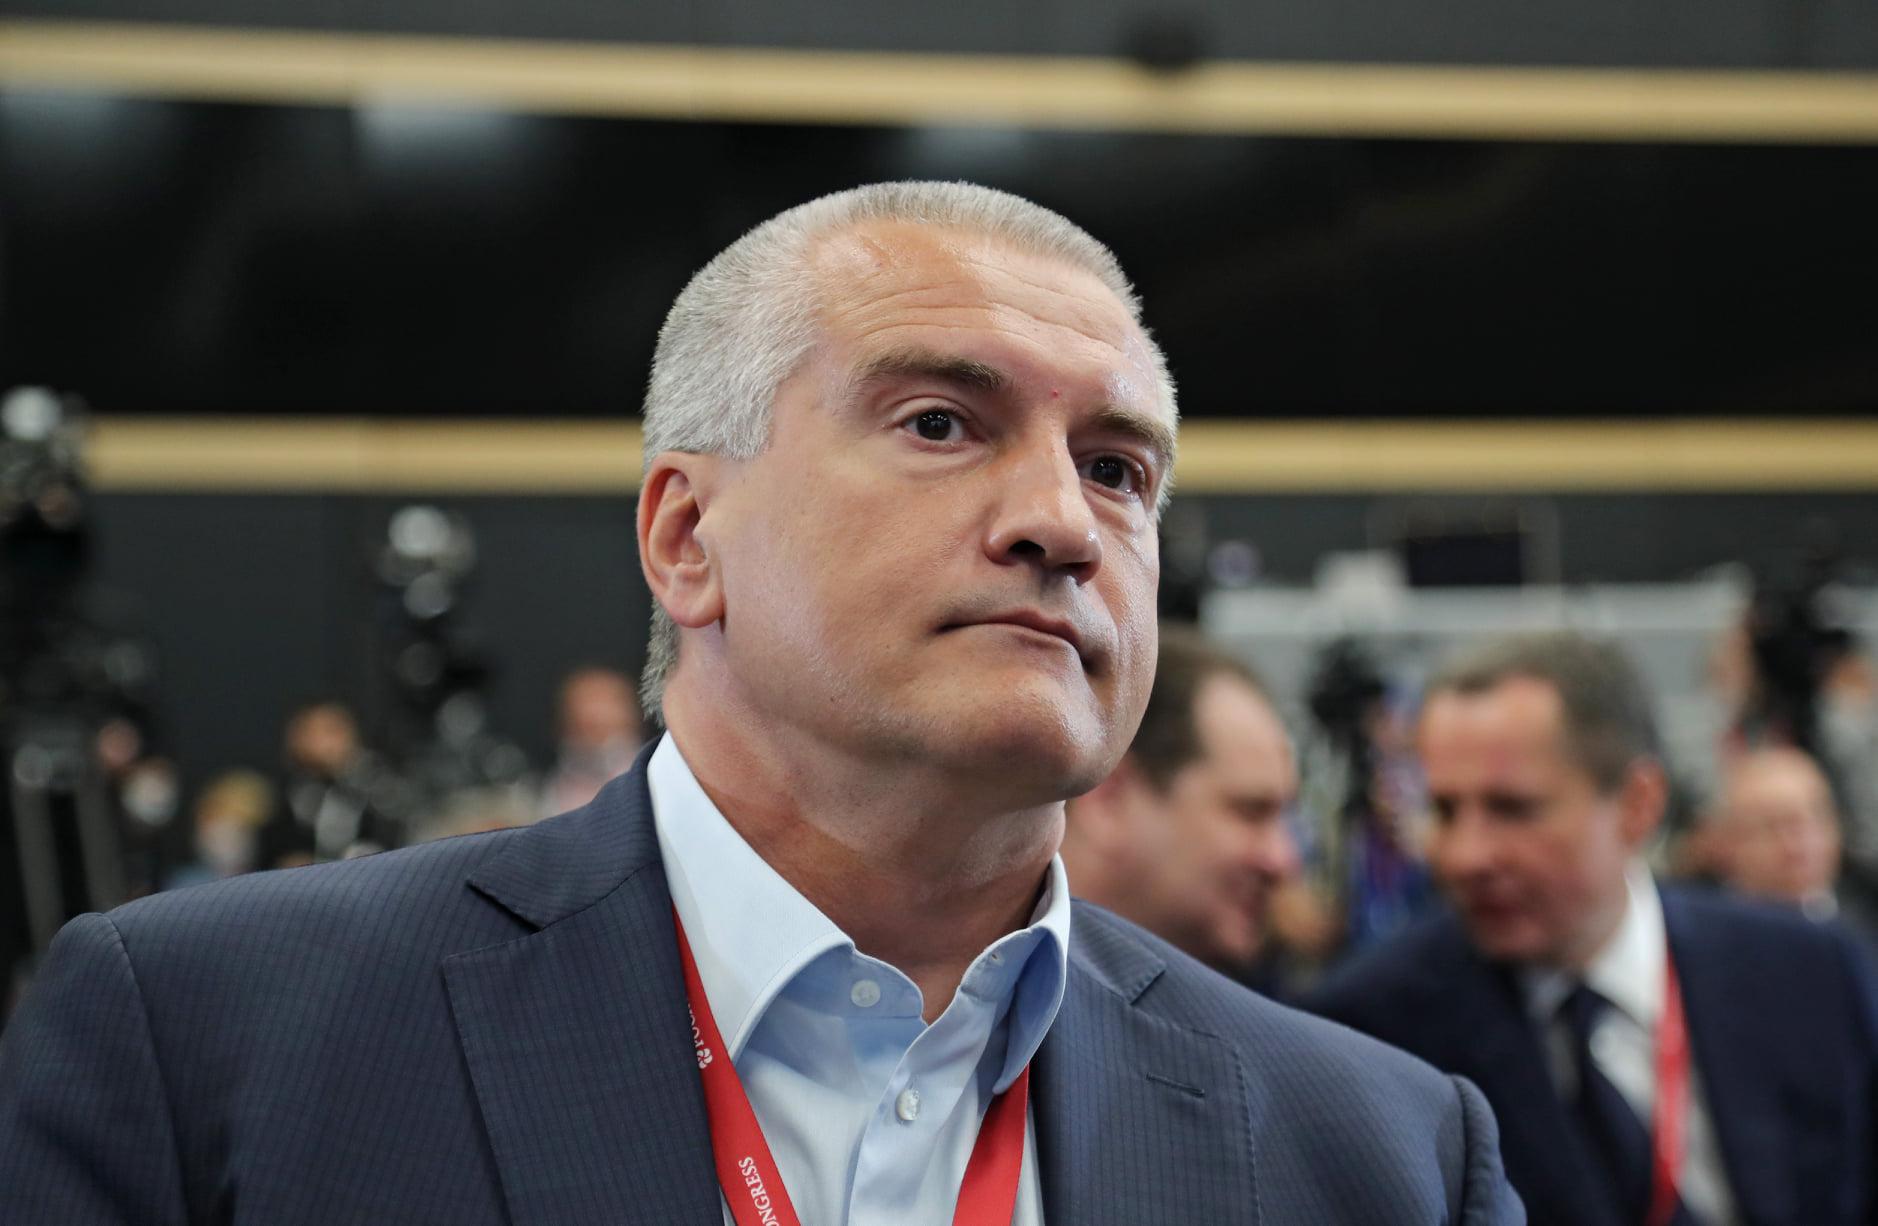 Аксенов рассказал, что не пошел бы в науку из-за низкой оплаты труда